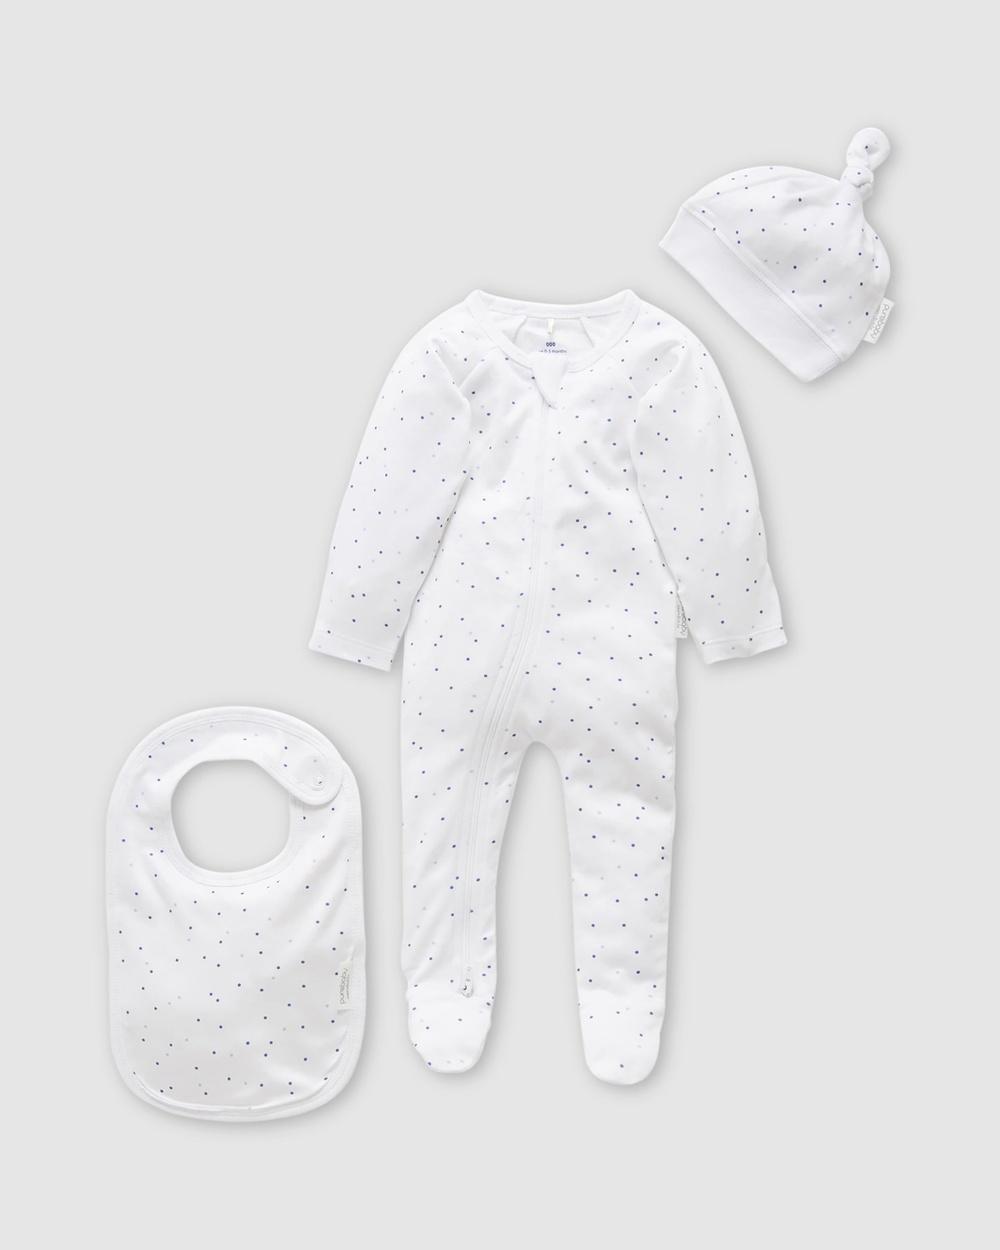 Purebaby 3 Piece Set Babies Bibs Pale Blue Spot 3-Piece Australia